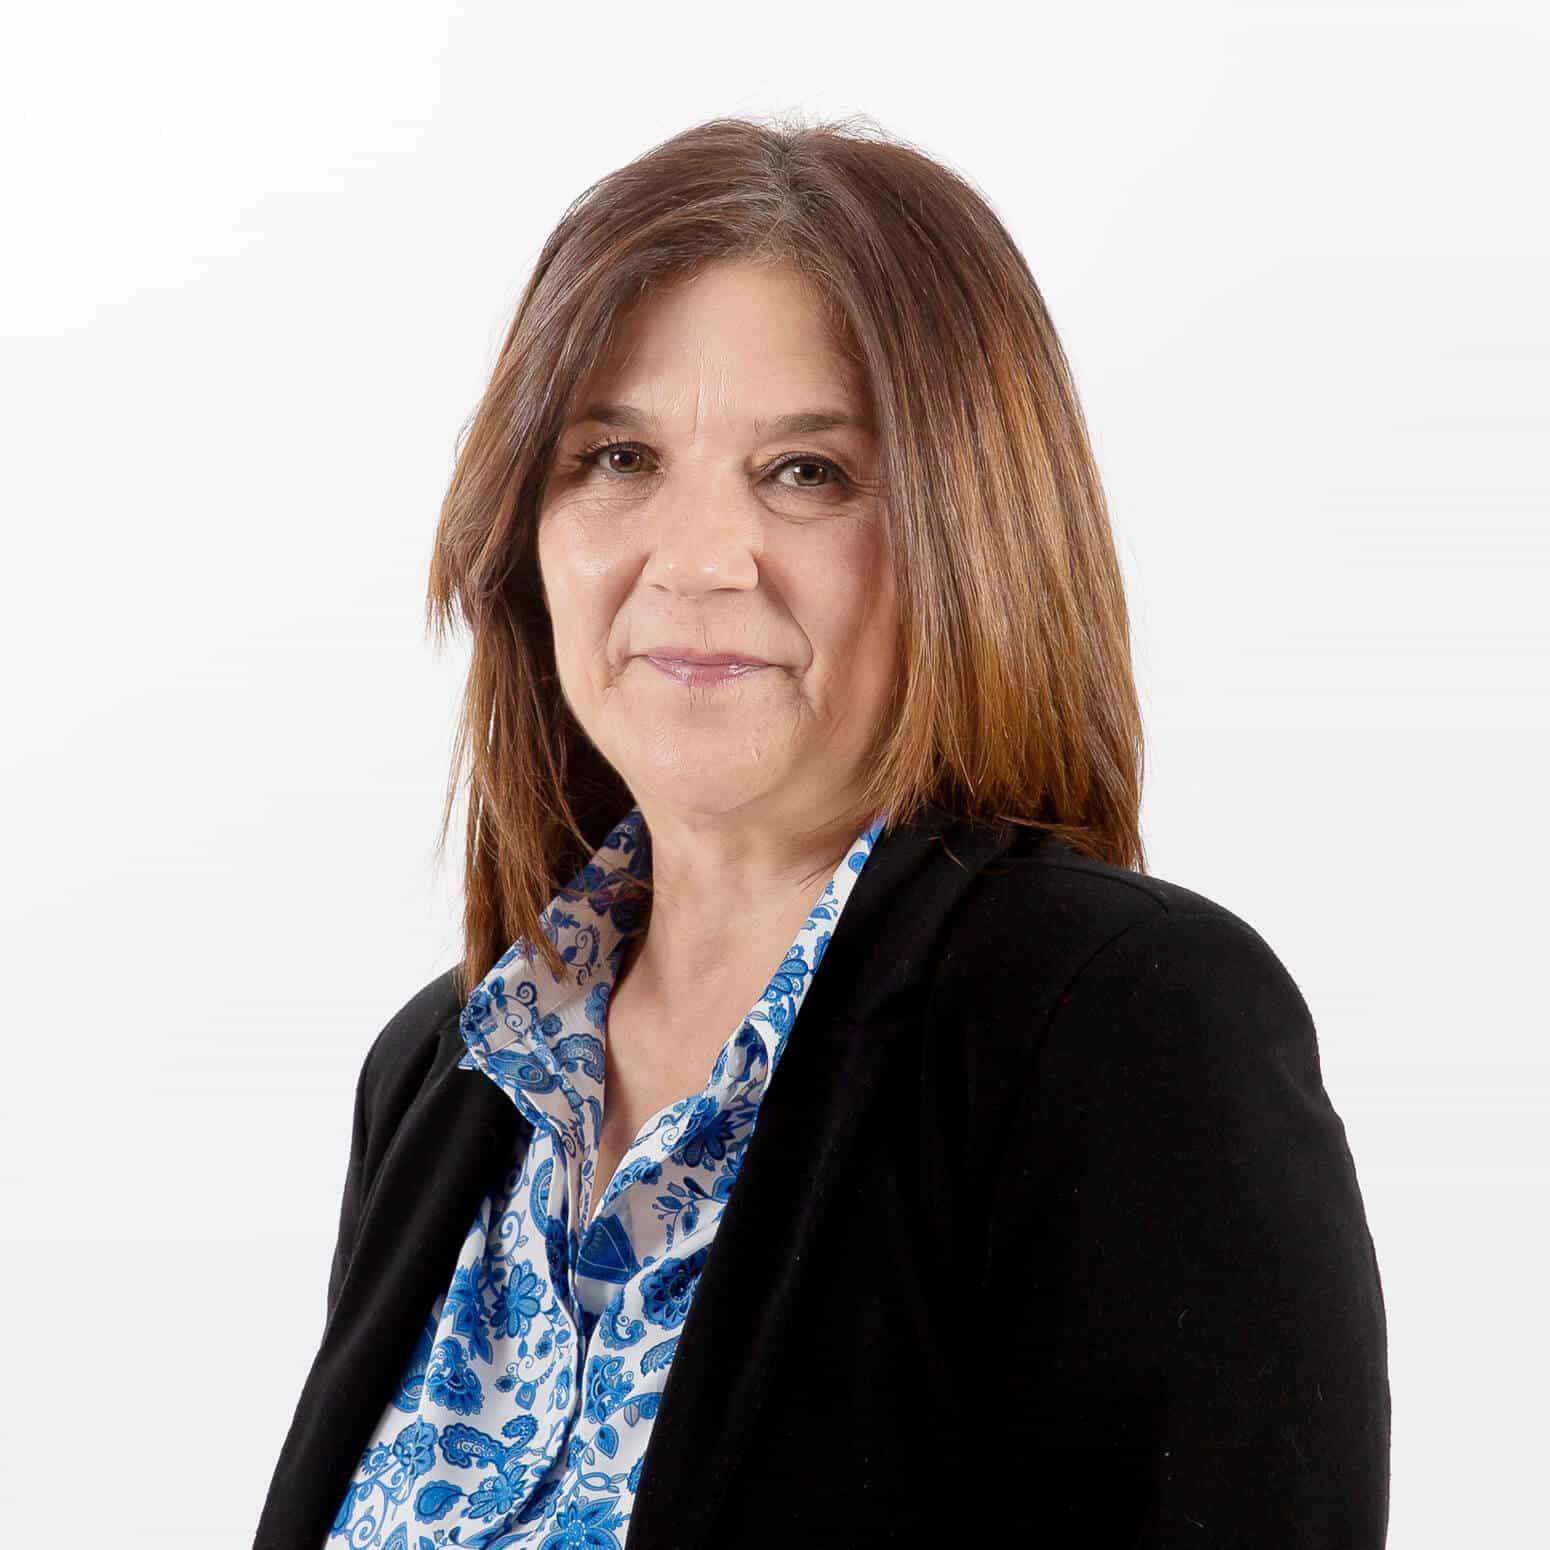 Mª Teresa Gómez Soblechero